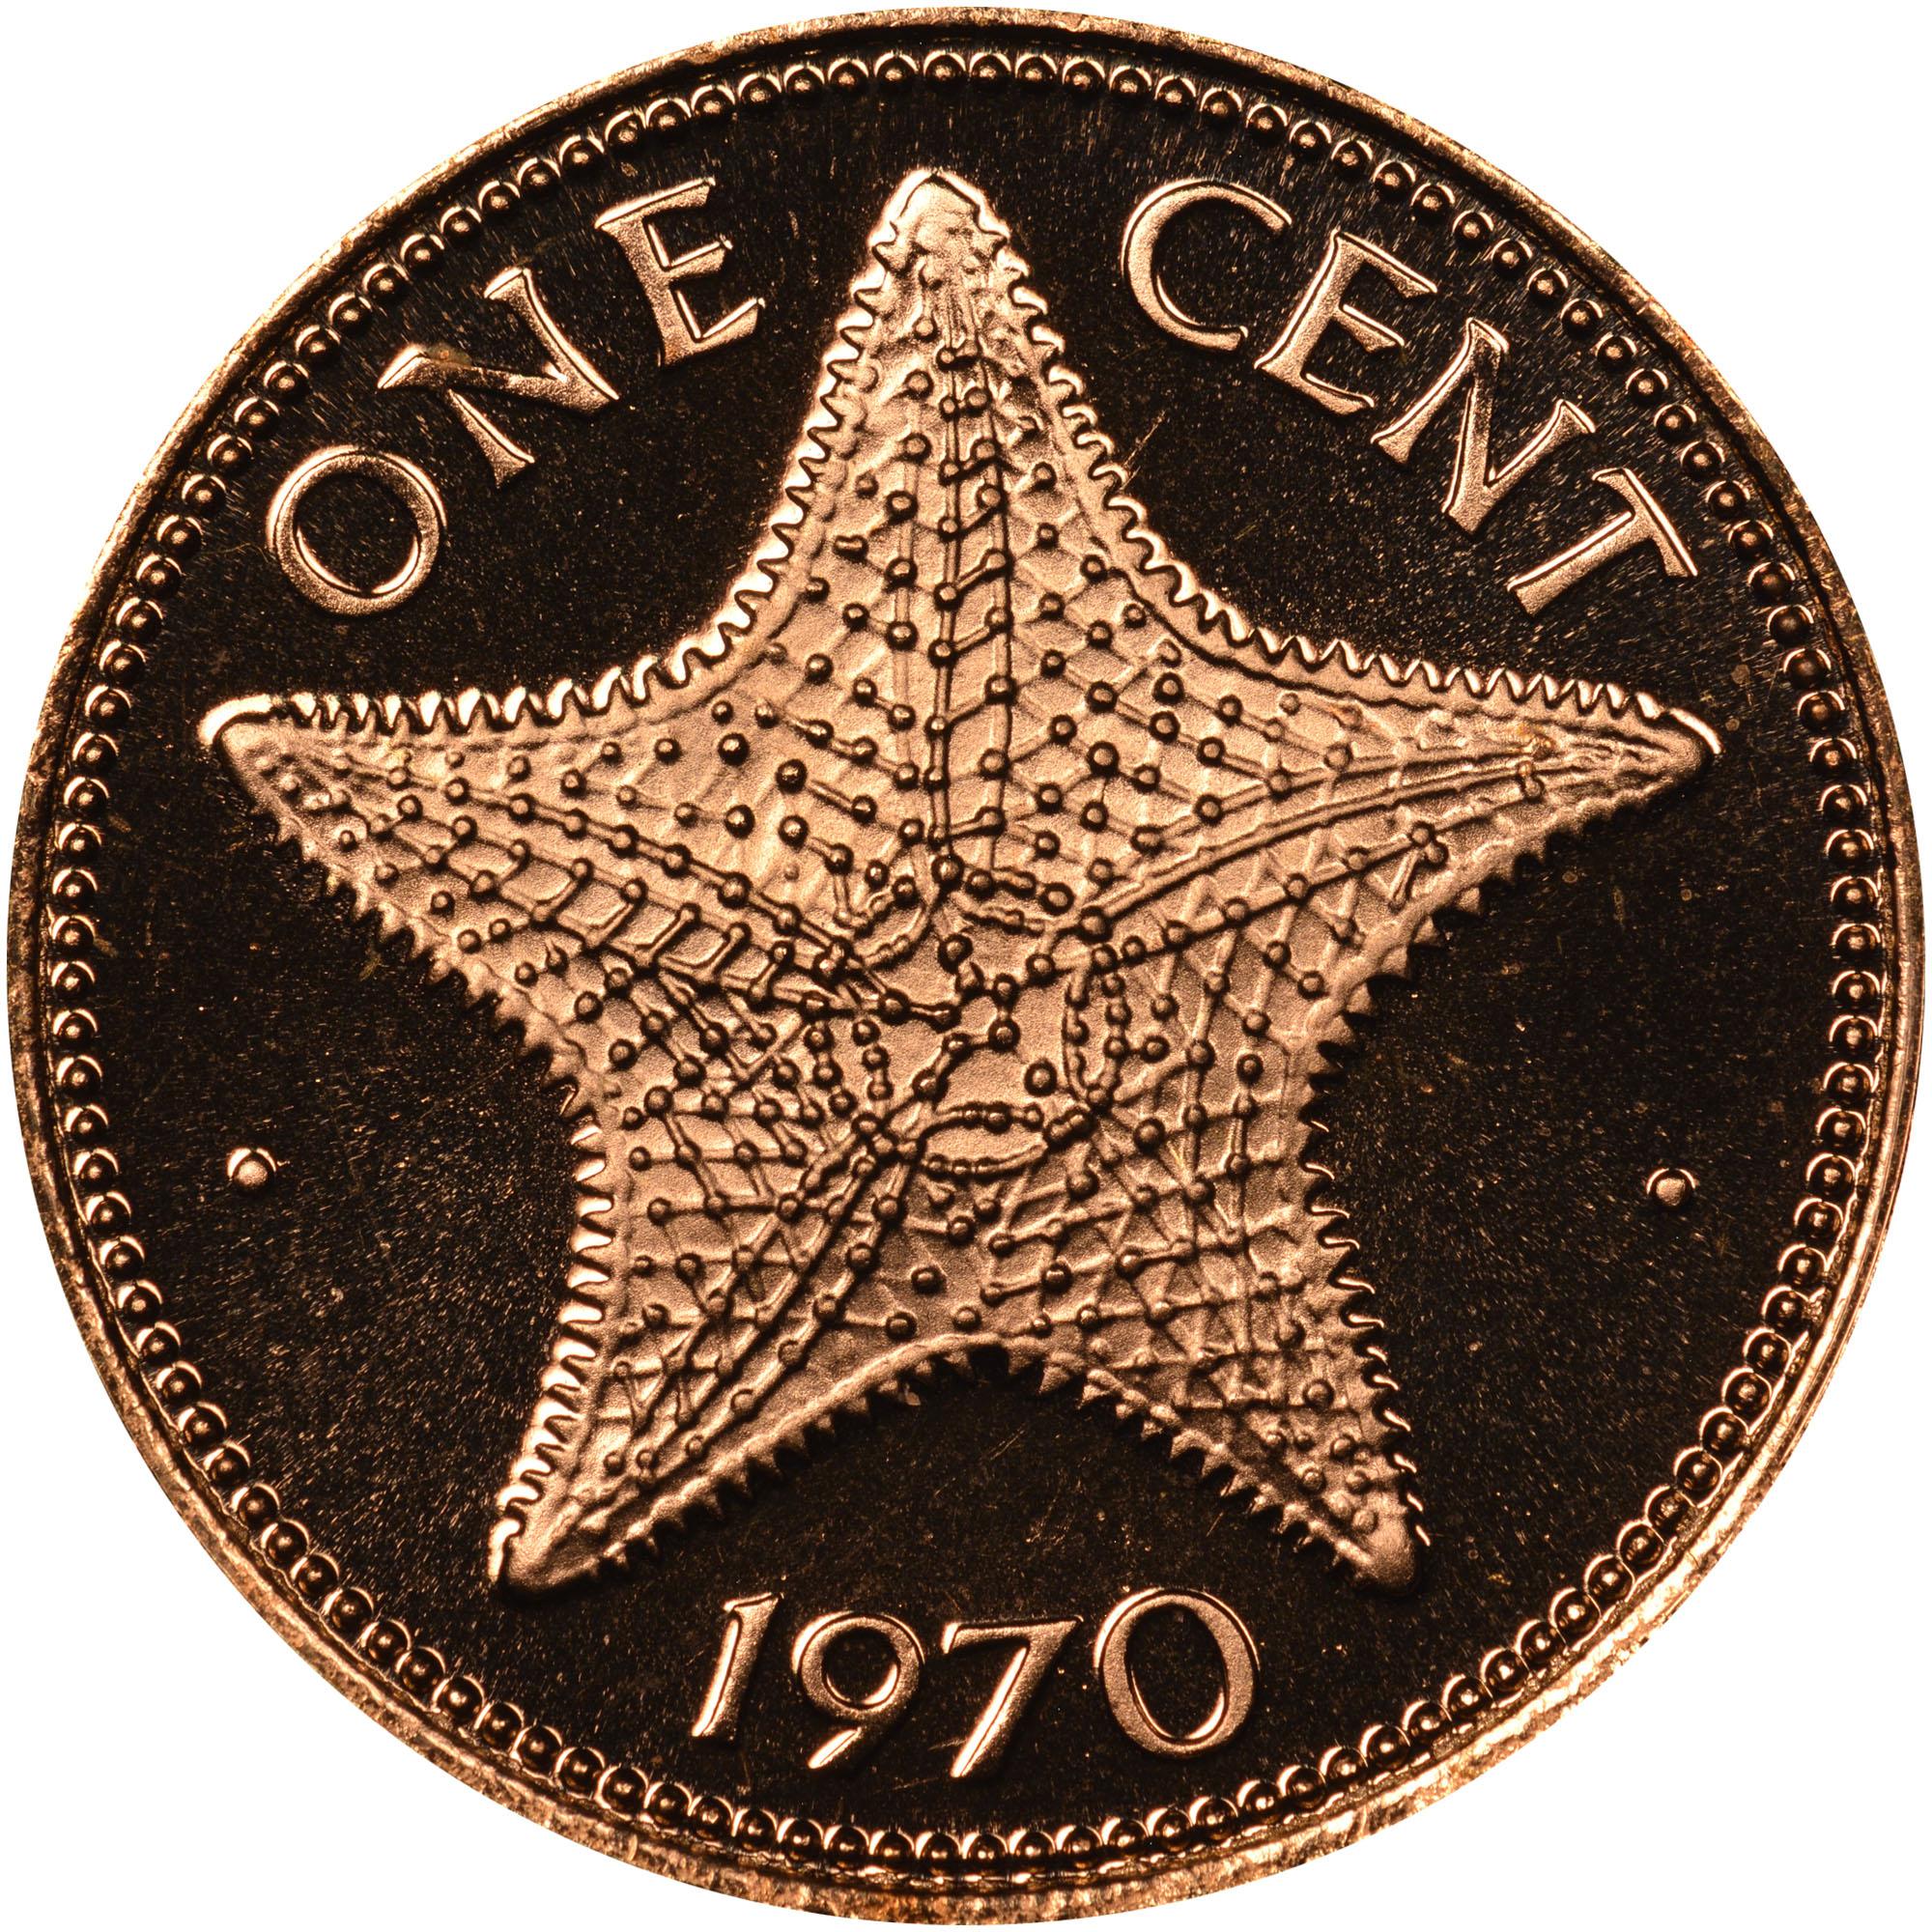 1970 Bahamas Cent reverse